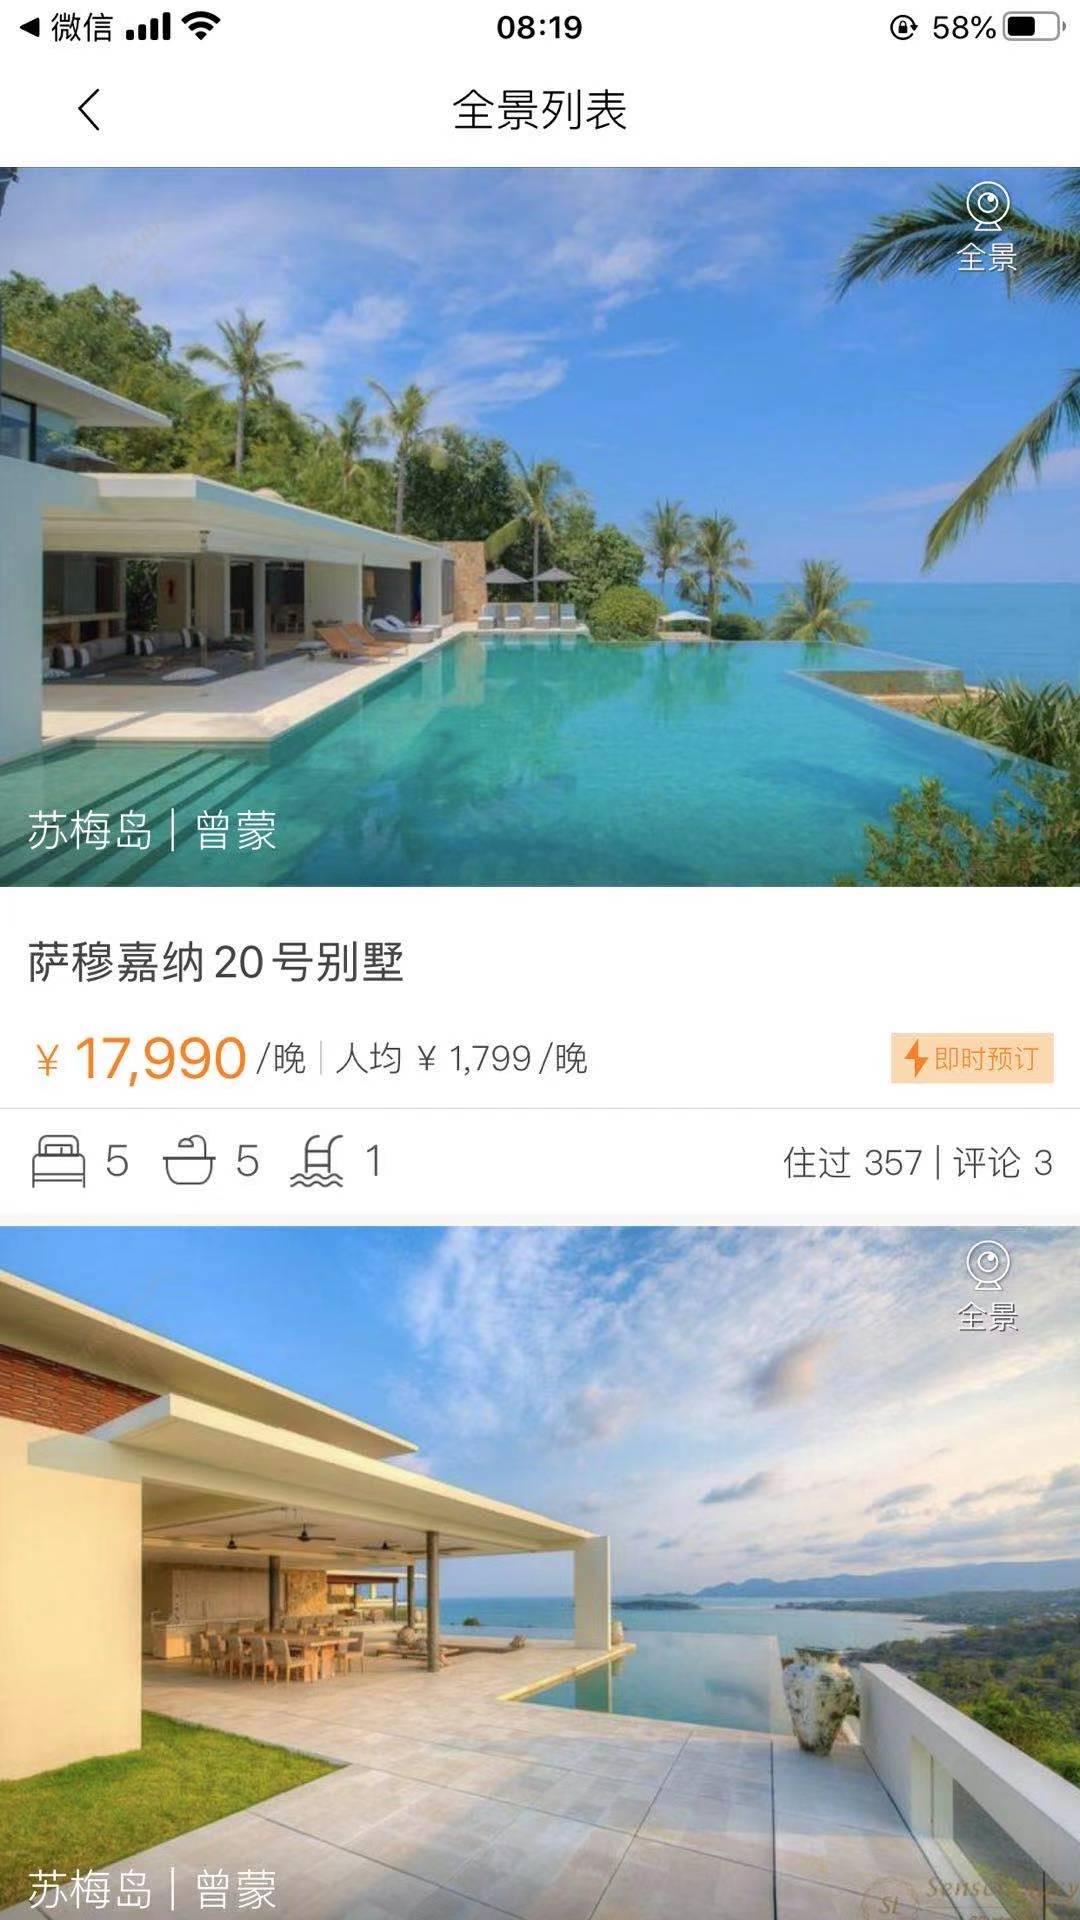 微信图片 202101051937513 别墅预定,线路预定,私人高端旅行app系统源码